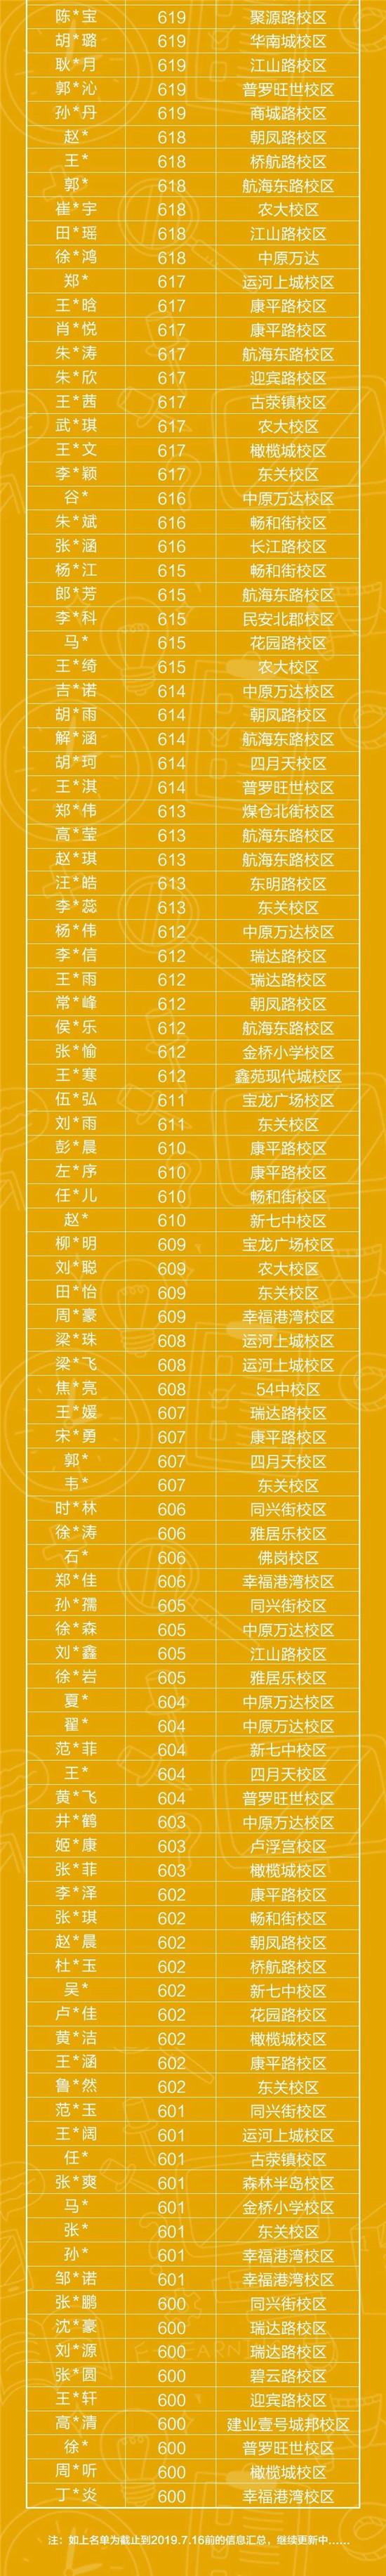 厉害啦!2019中考,御夫子大语文学员成绩最高683分!